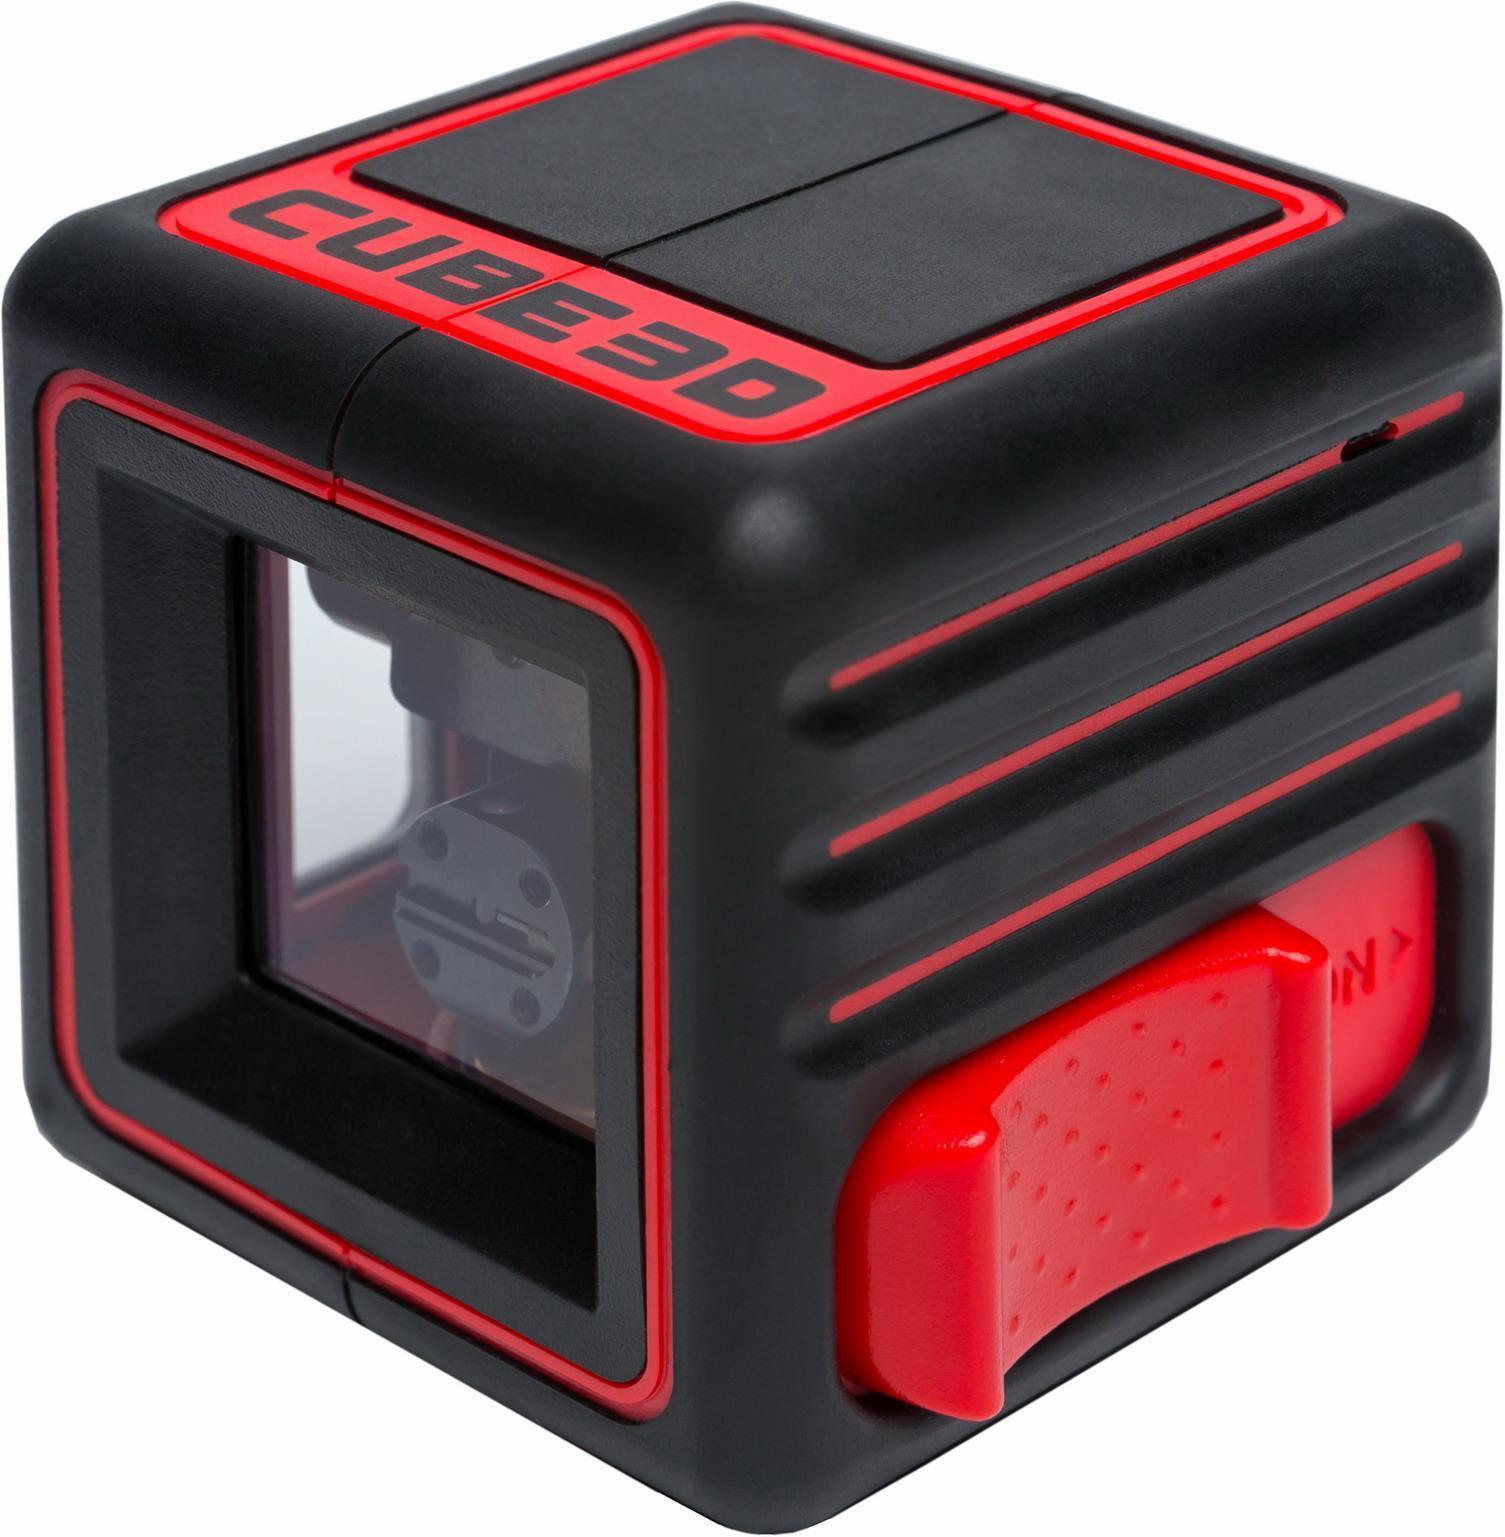 Построитель лазерных плоскостей ADA Cube 3D Basic Edition А00382А00382Конструкция лазерного уровня ADA CUBE создавалась с расчетом на агрессивные условия эксплуатации. Сопротивляемость нагрузкам максимально высокая. Удары, падения, попадание брызг, пыль - материалы, из которых изготовлен лазерный уровень, выбирались специально для надежной работы в тяжелых условиях строительной площадки. Резиновые накладки со всех сторон предохраняют прибор от повреждений. Ребристая поверхность не даст уровню выскользнуть из рук при перестановке. Резьба 1/4 дюйма в основании прибора позволяет устанавливать уровень на фото-штатив или универсальное крепление.